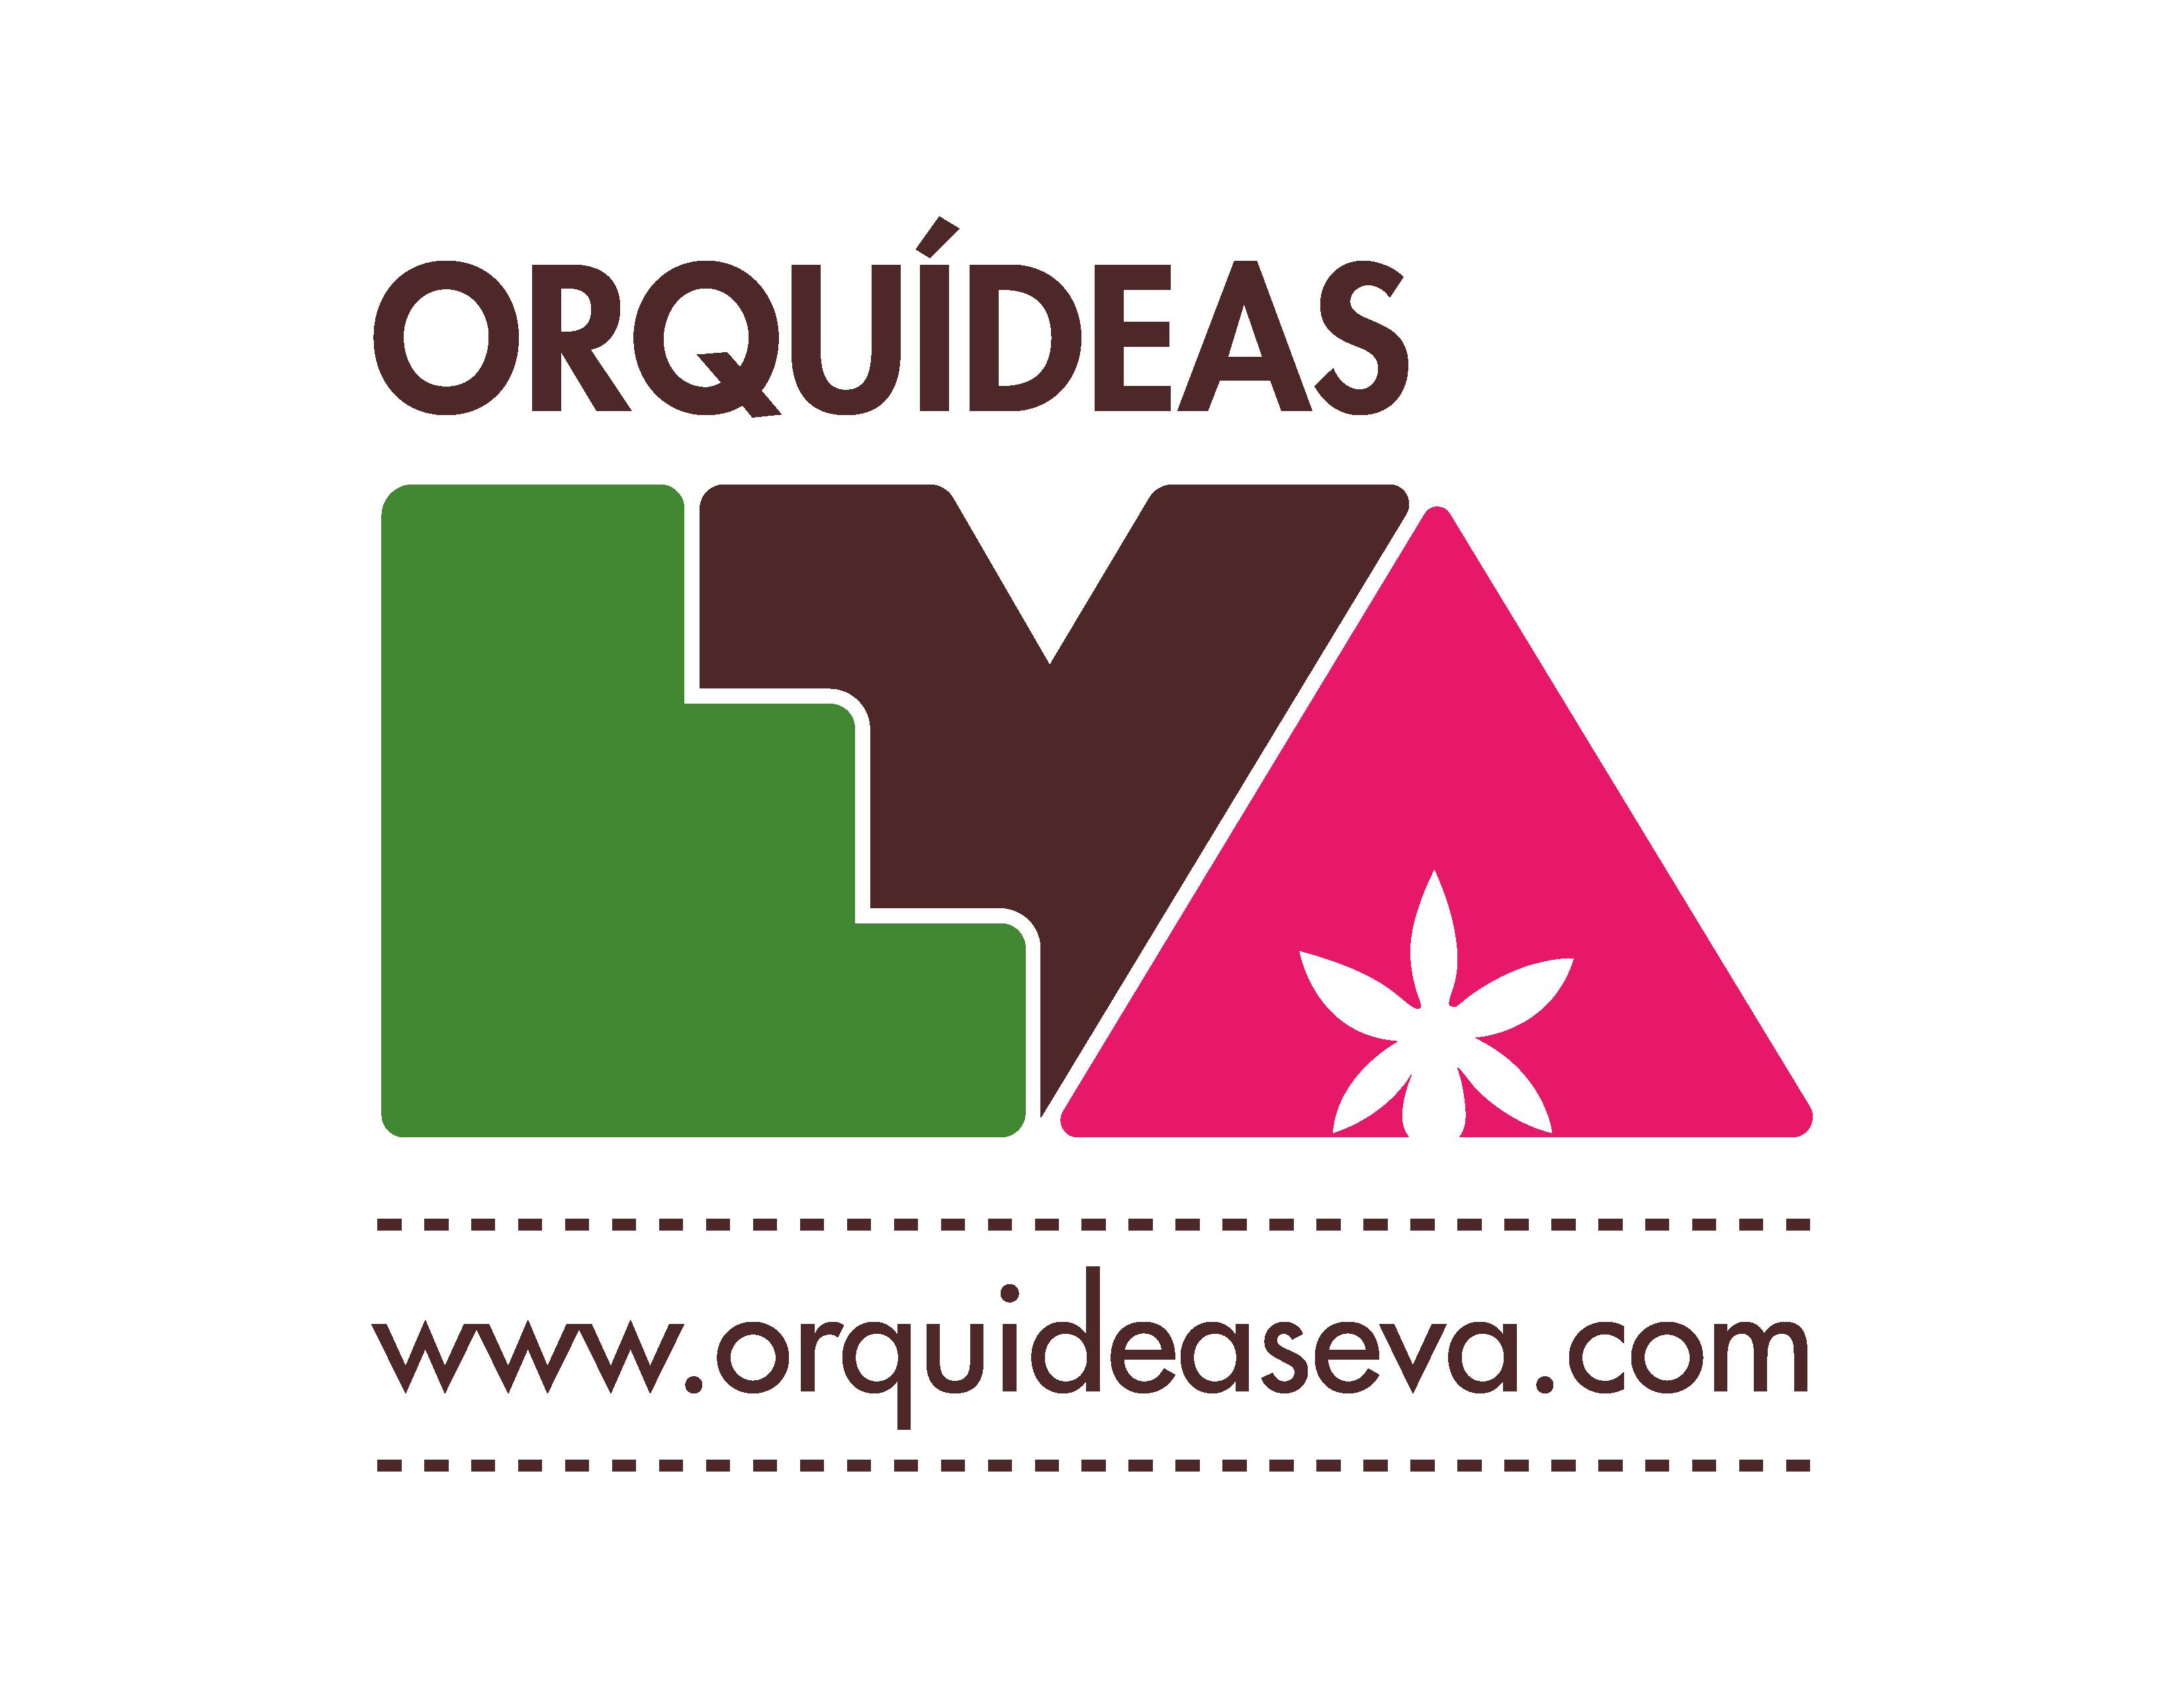 Orquídeas Eva S.A.S.